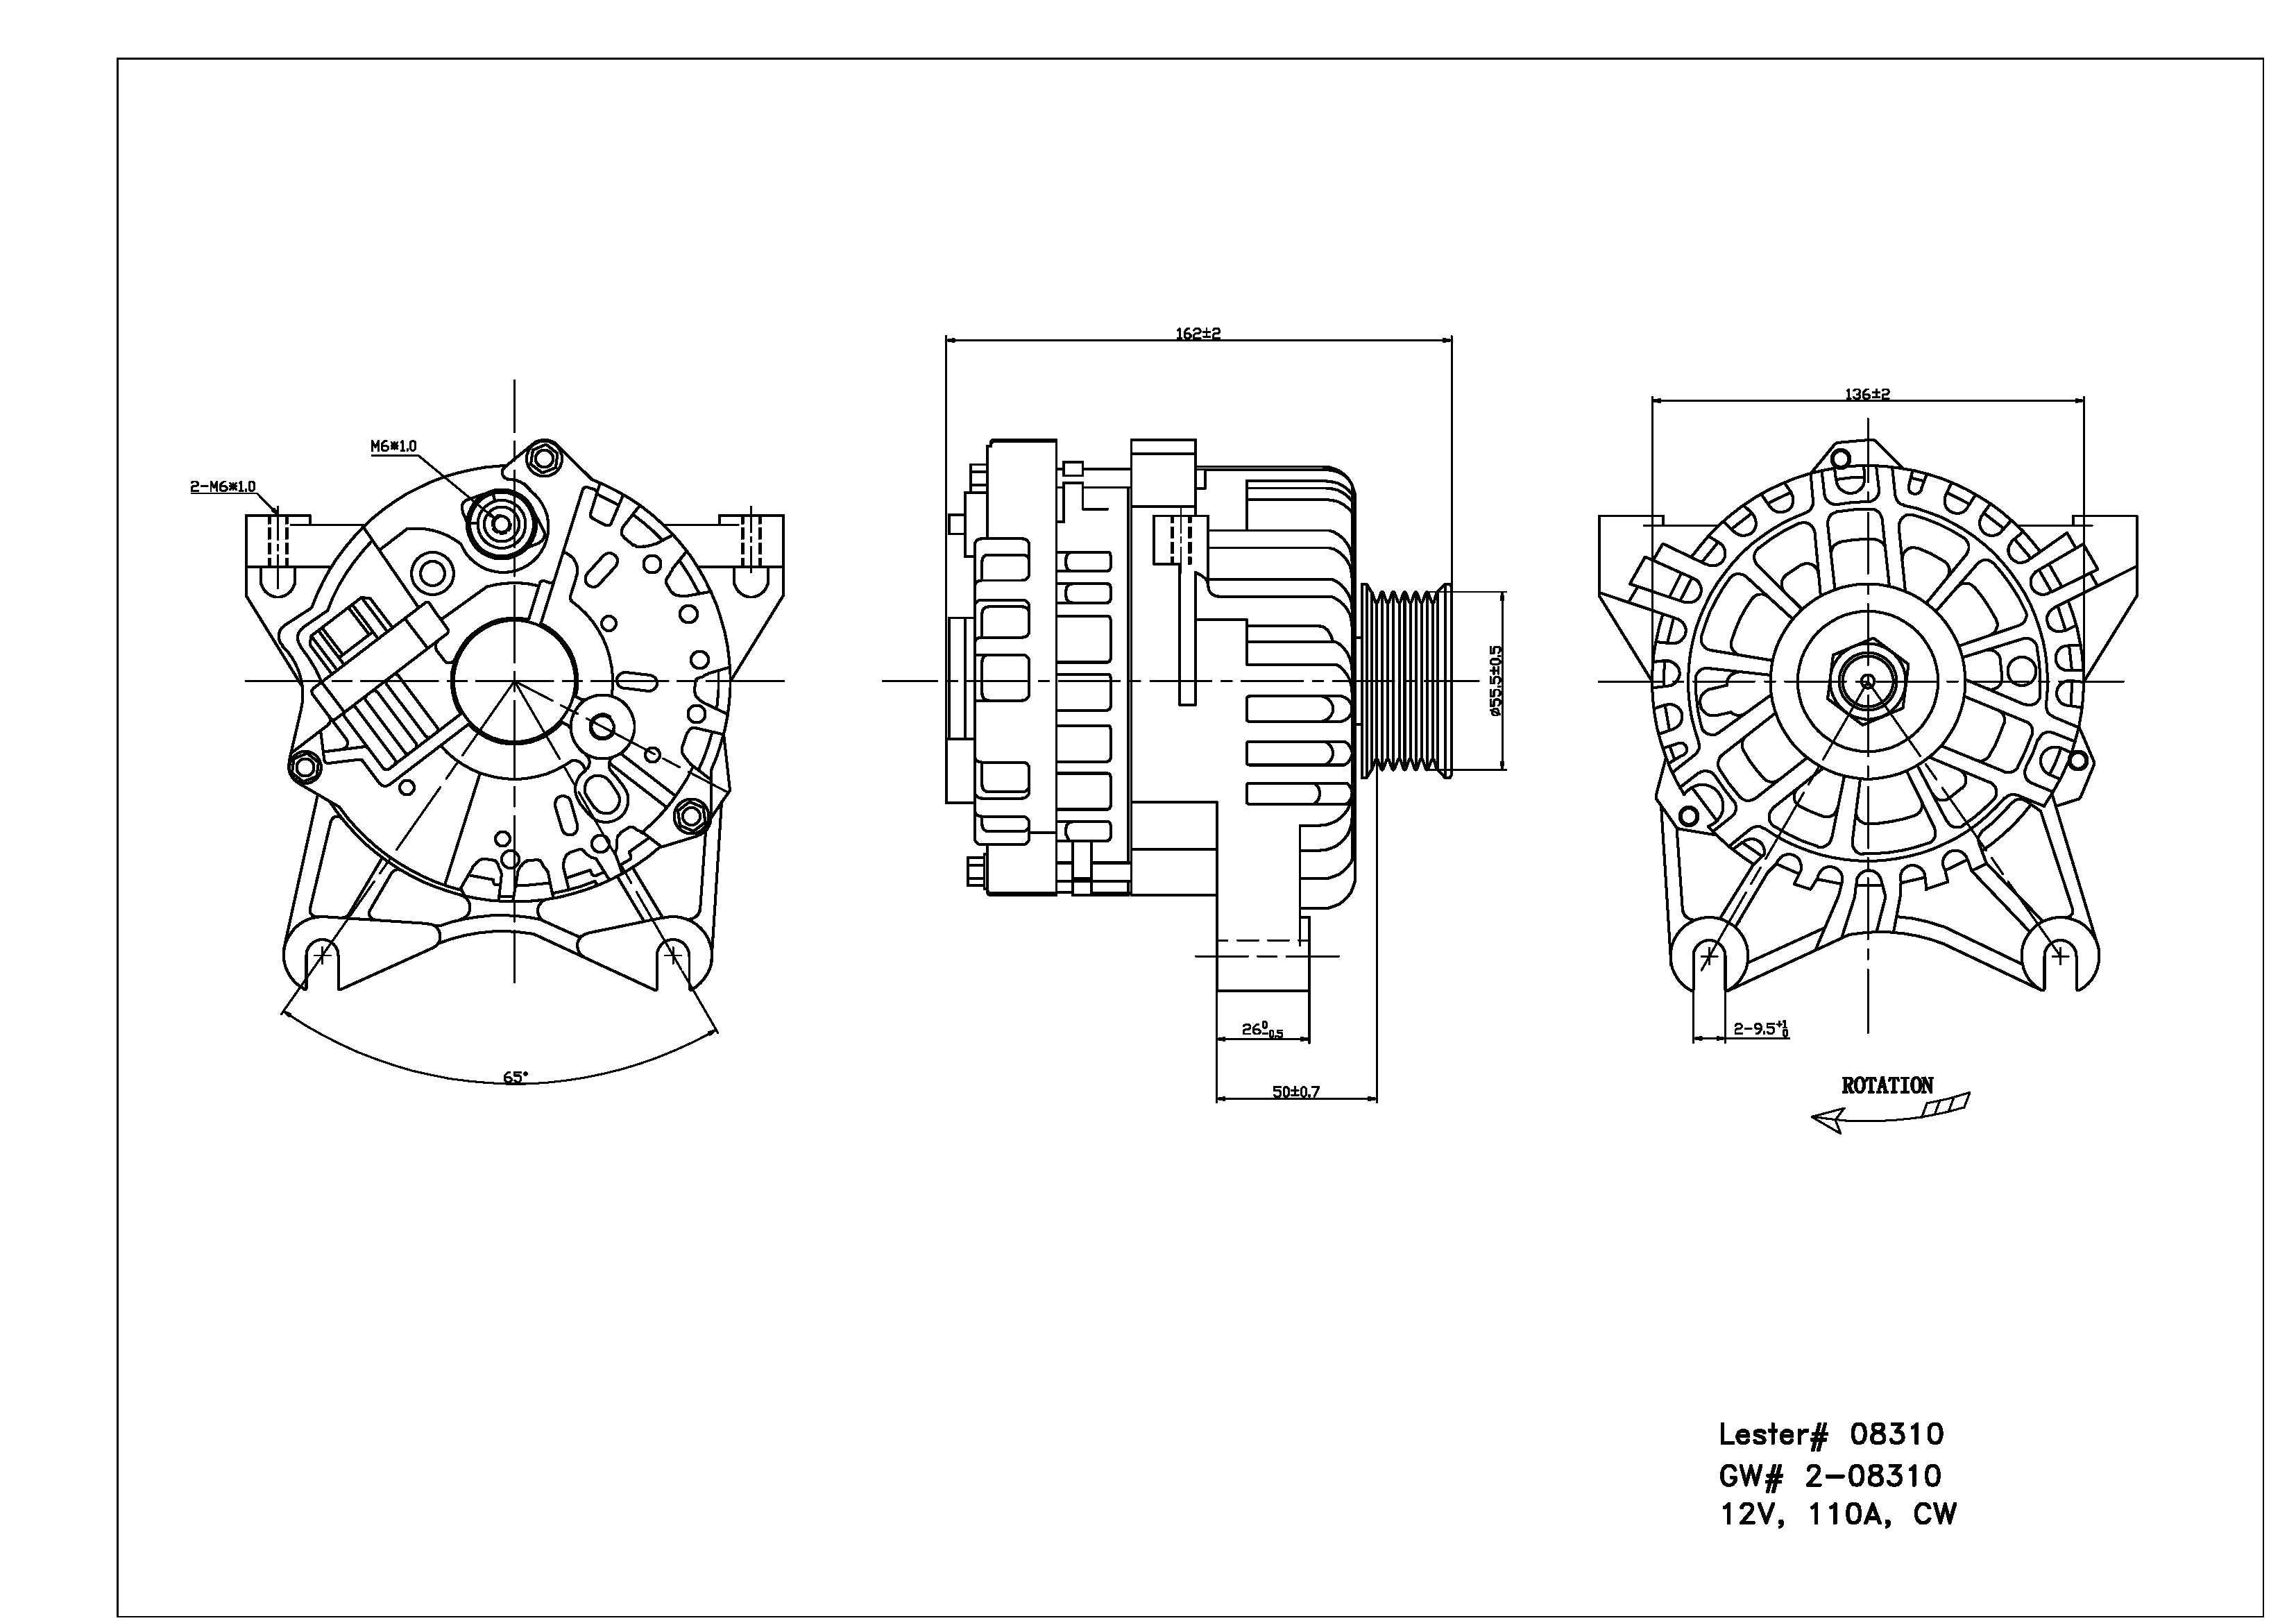 TYC # 2-08310 Alternator Fits OE # 3C3Z-10346-DA